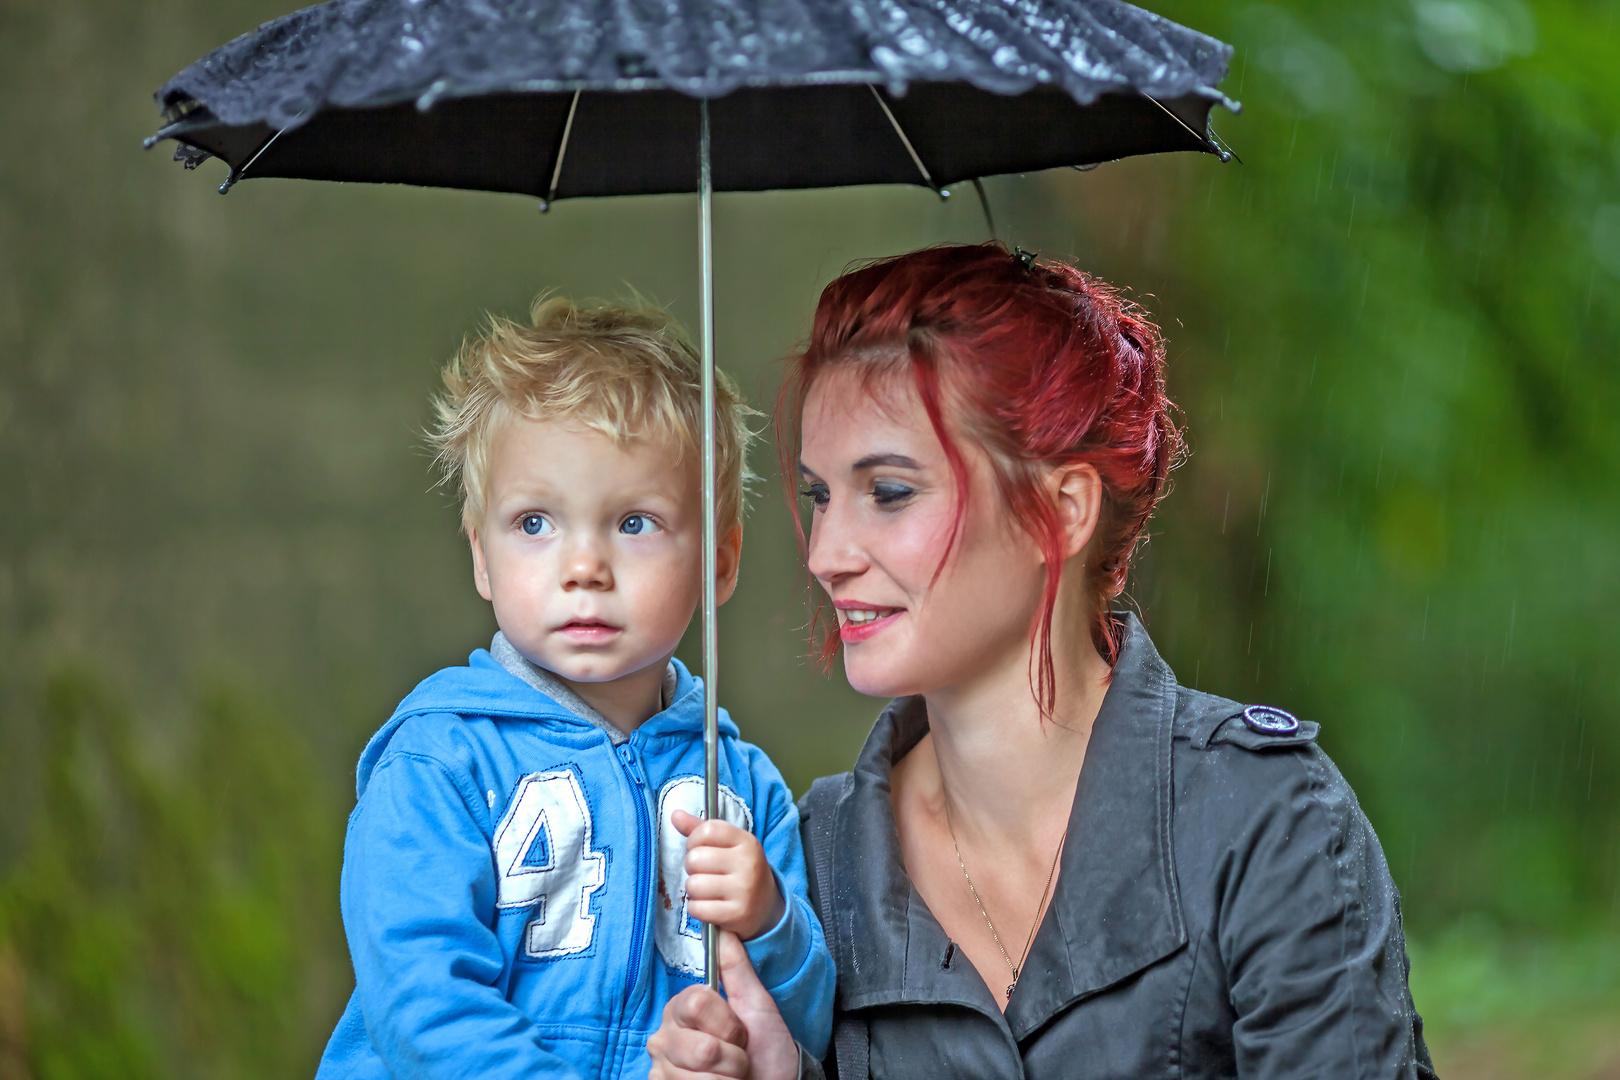 Liebe ist wenn einem wer den Schirm hält ...